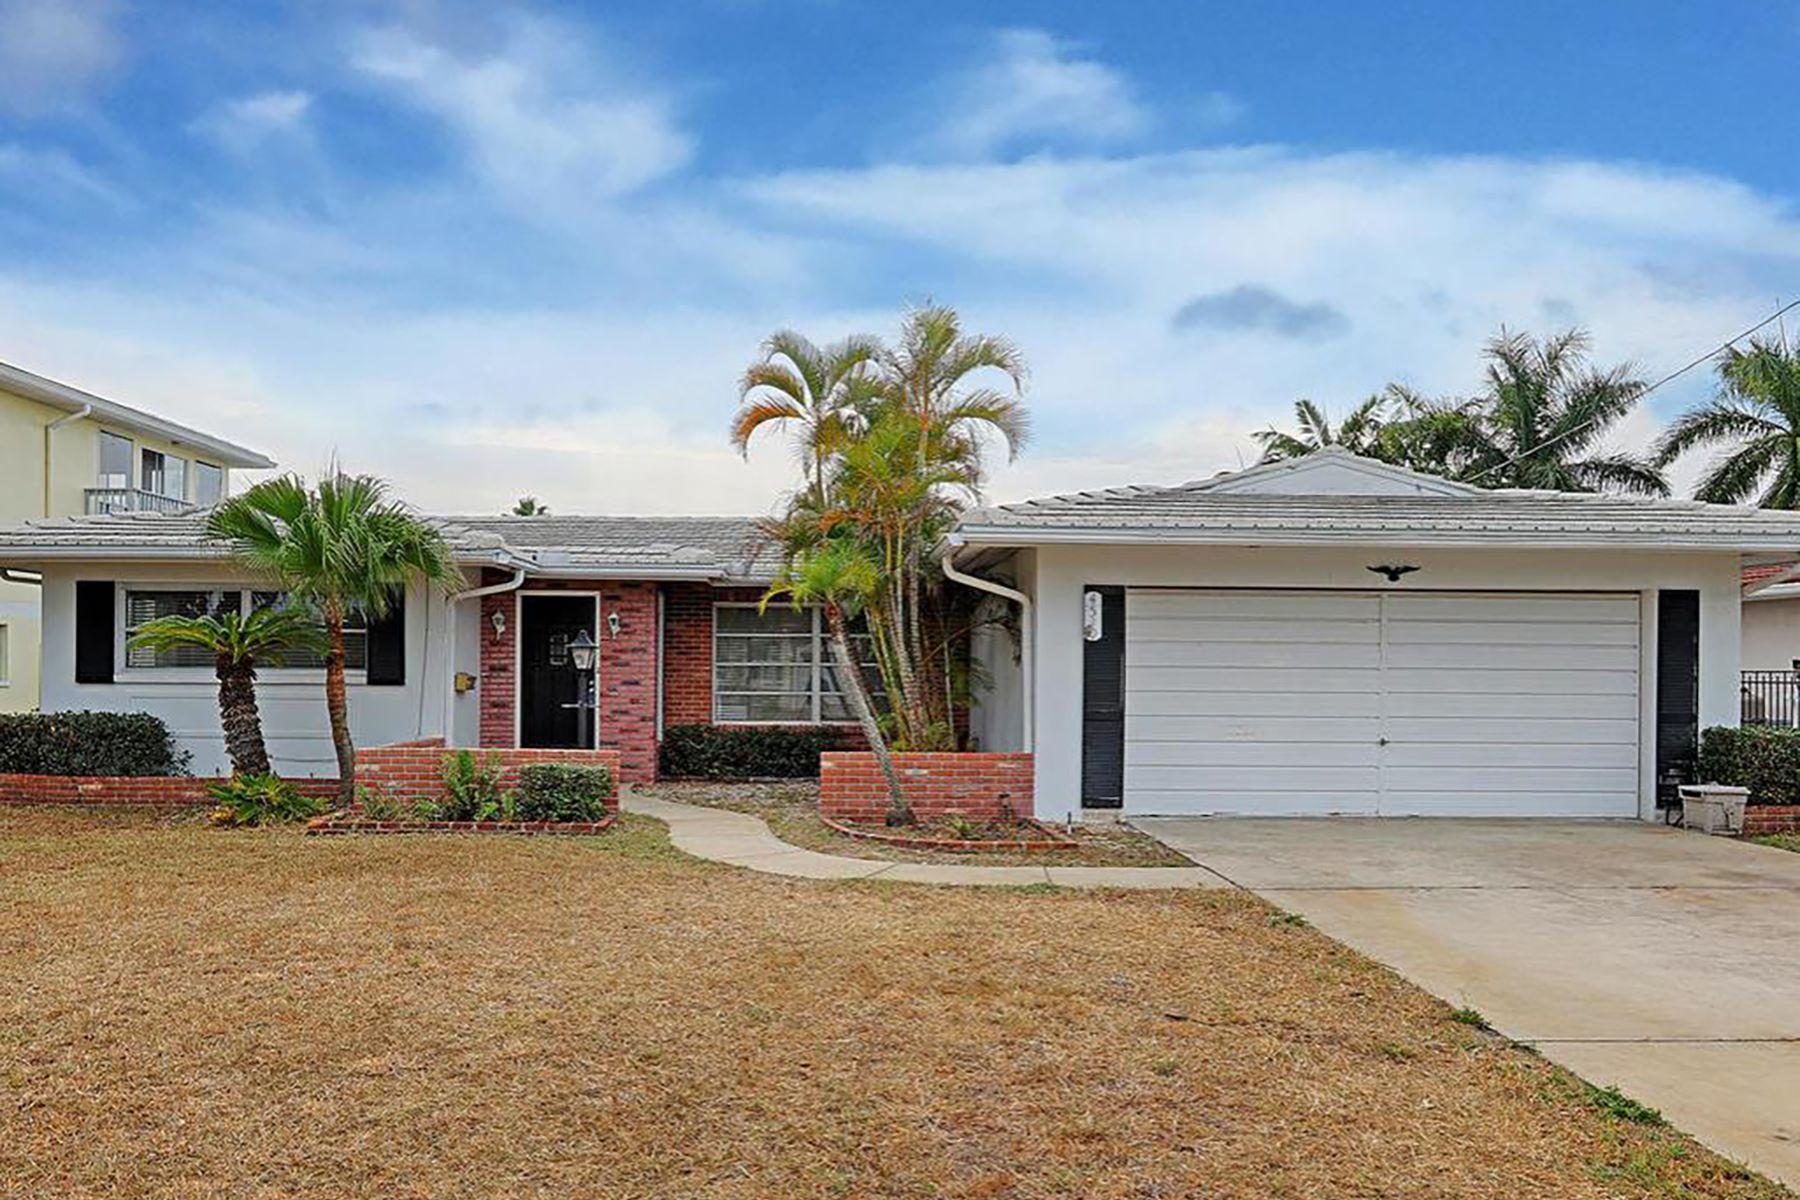 Maison unifamiliale pour l Vente à LARGO 4510 Harbor Hills Dr Largo, Florida, 33770 États-Unis